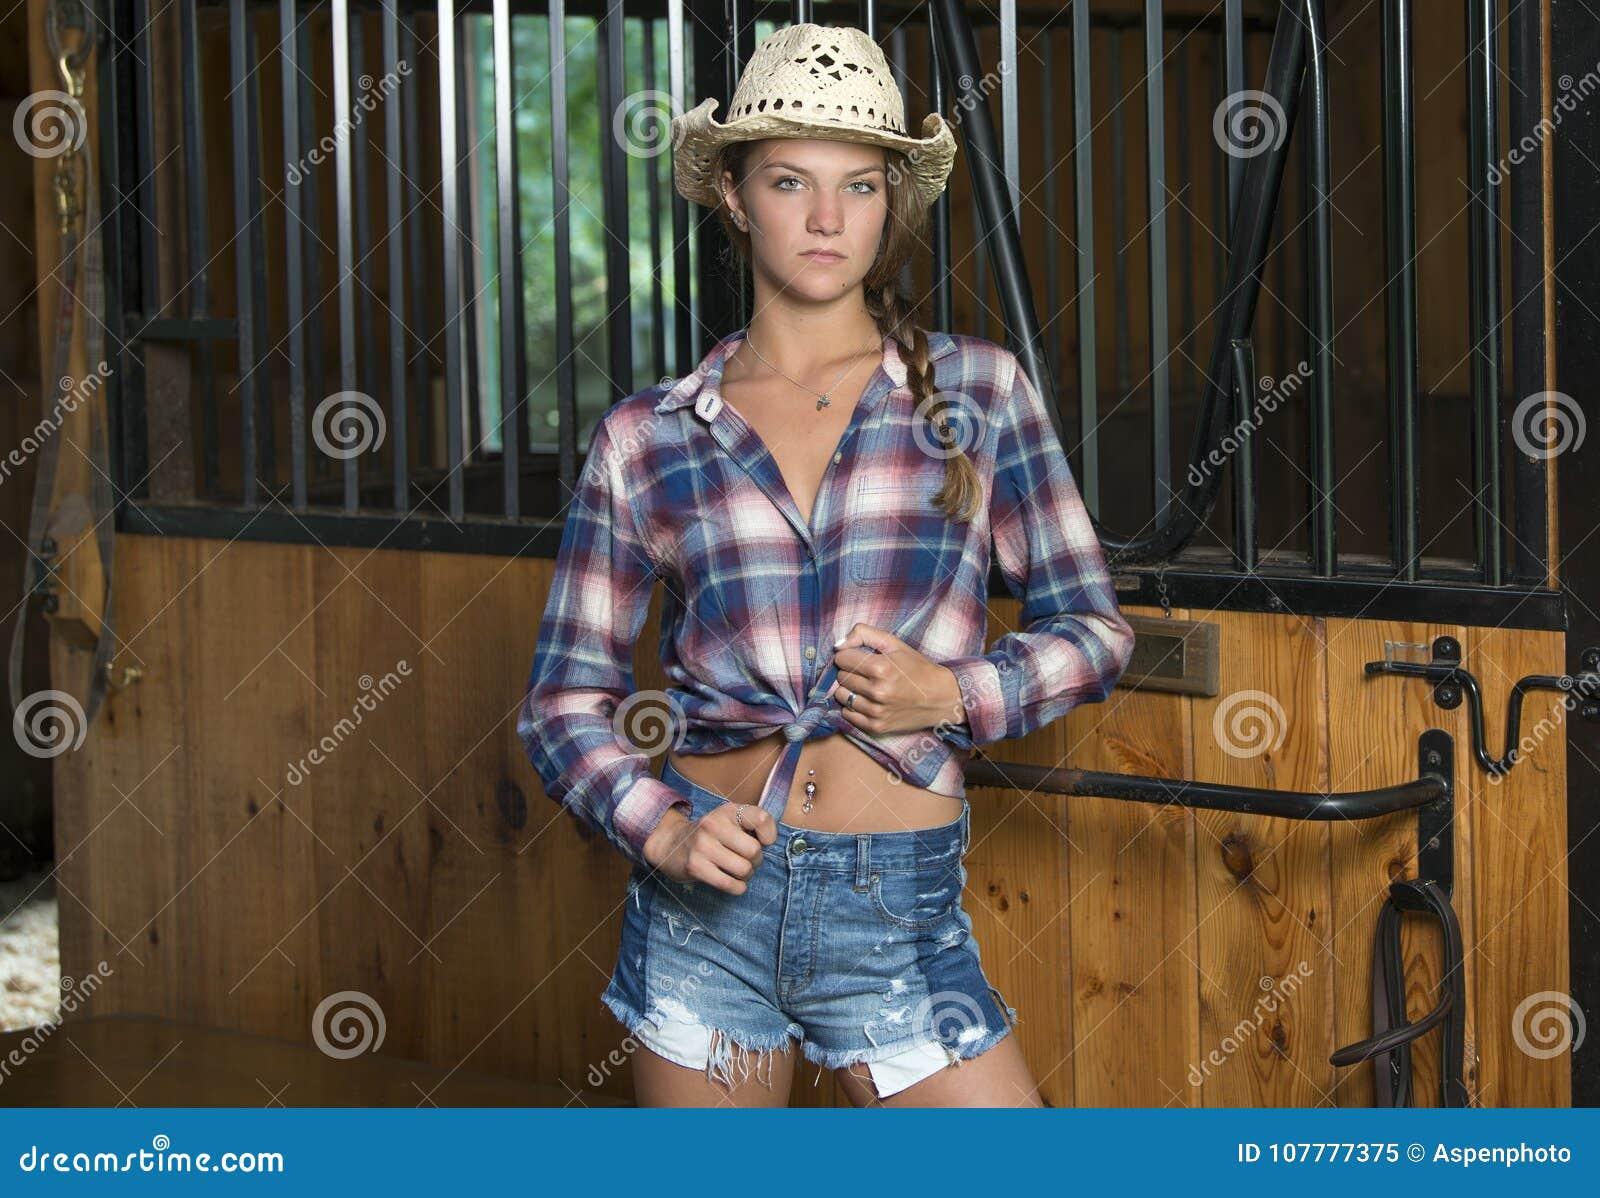 Cute teen cowgirl